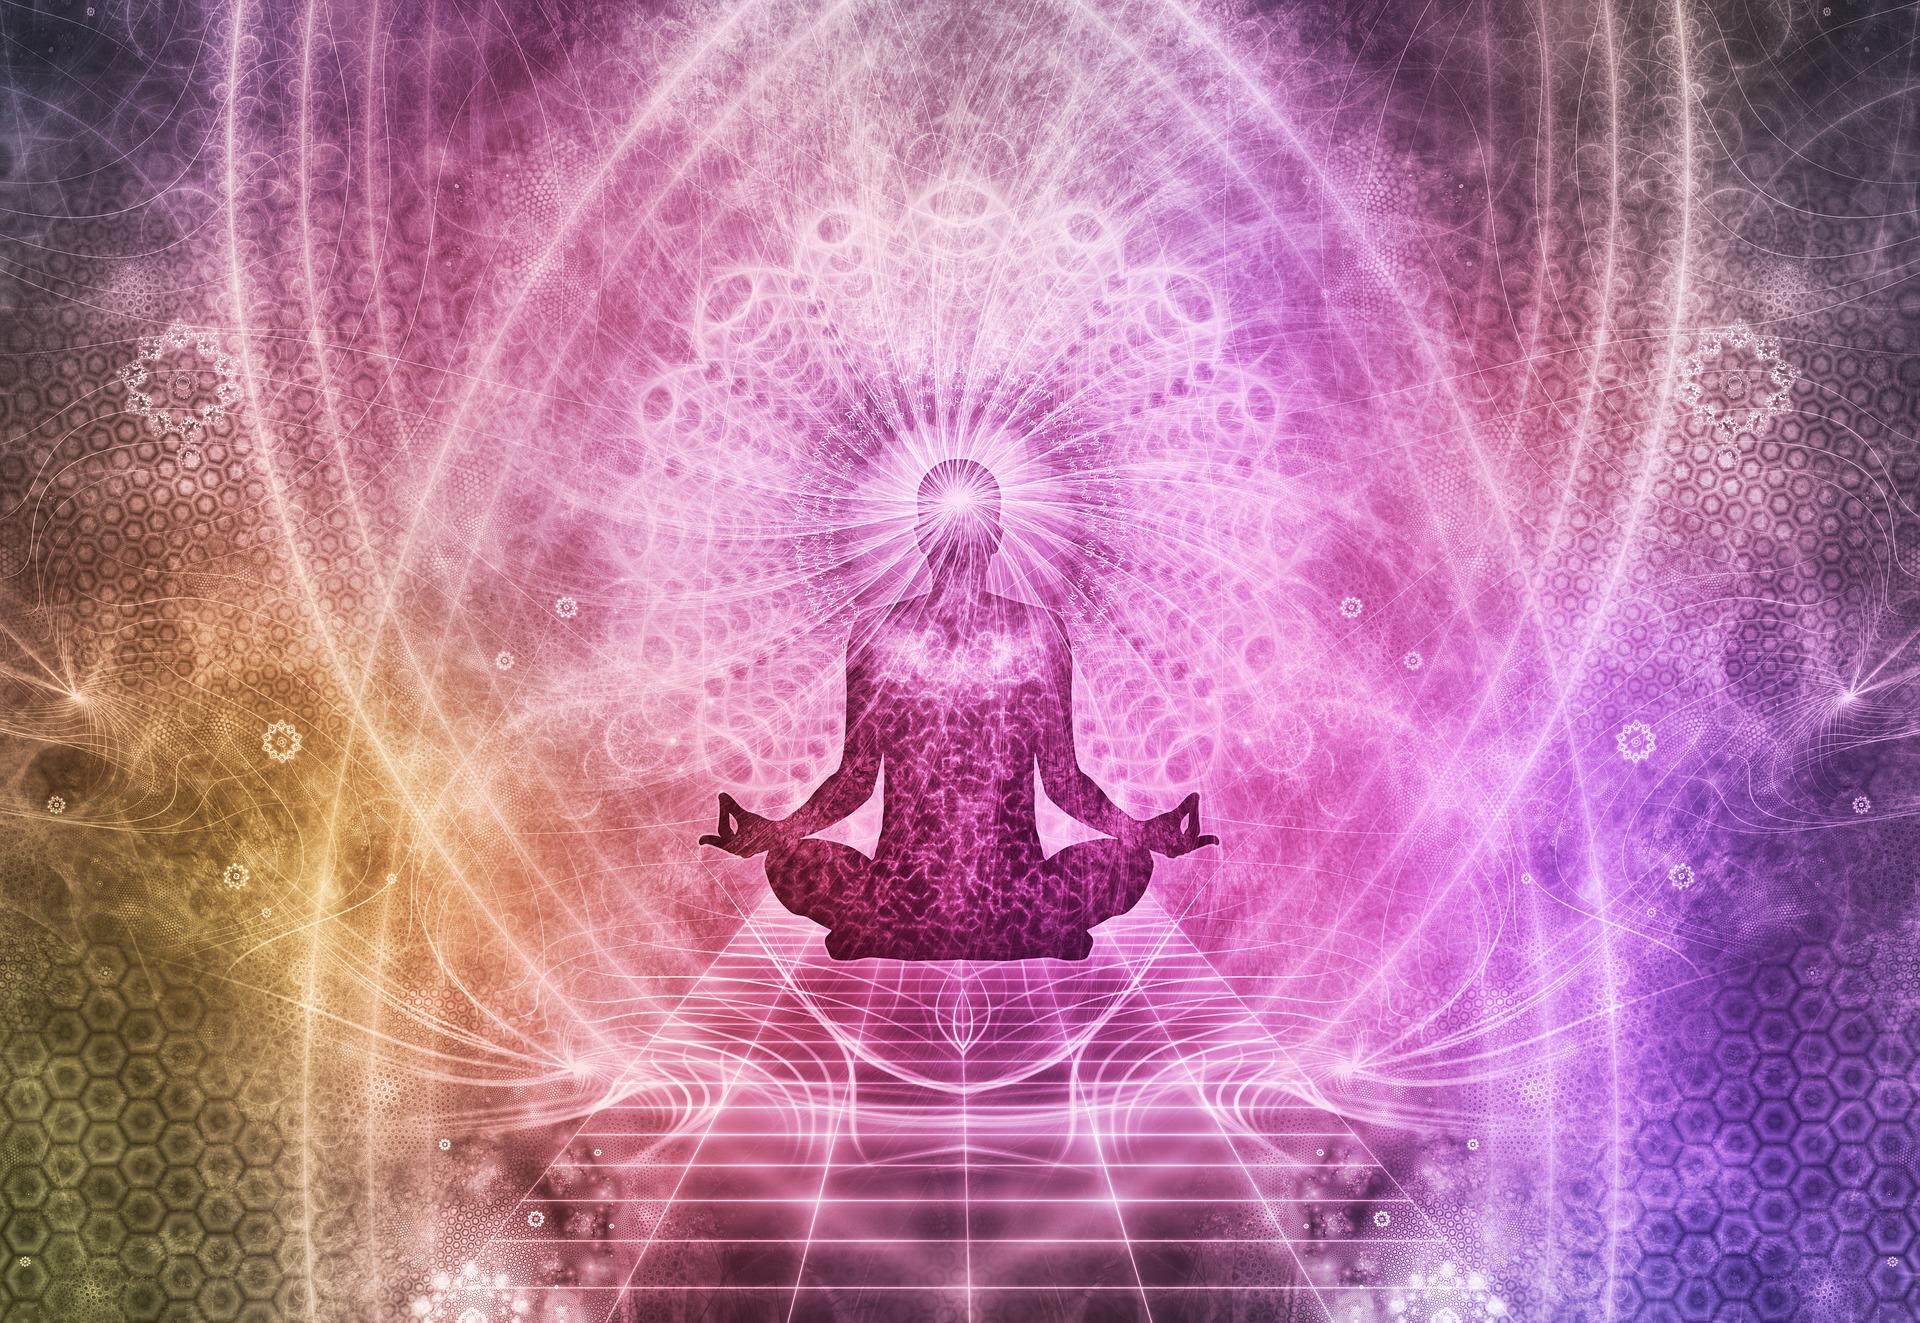 third eye chakra meditation illustration